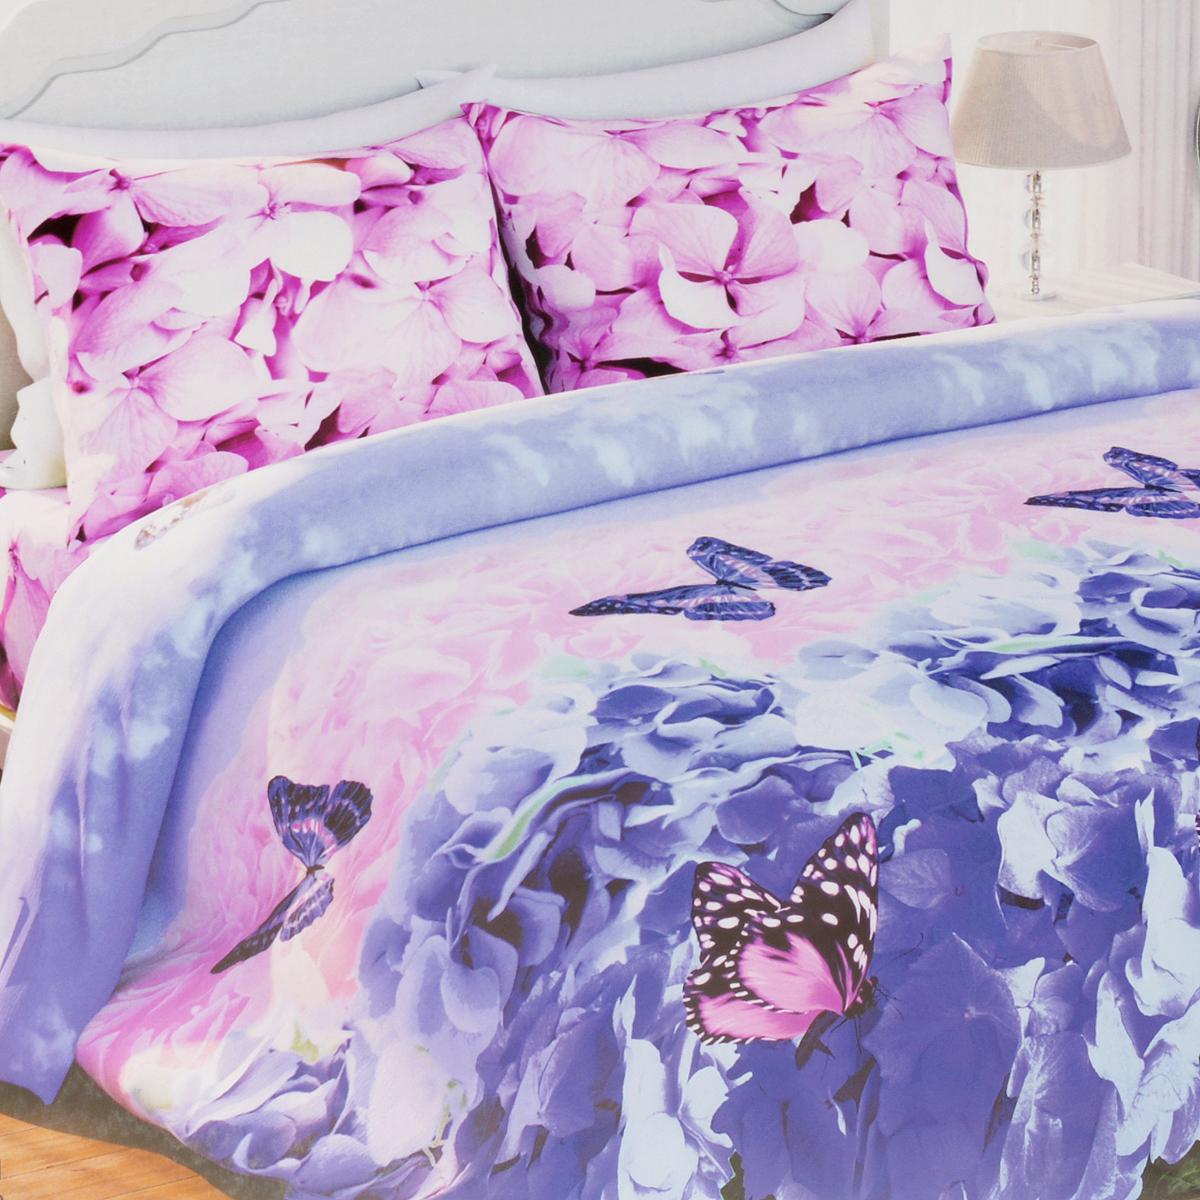 Комплект белья Любимый дом Гортензия, 2-спальный, наволочки 70х70281645Комплект постельного белья Любимый дом Гортензия состоит из пододеяльника, простыни и двух наволочек. Дизайн - цветки гортензии, бабочки. Белье изготовлено из новой ткани Биокомфорт, отвечающей всем необходимым нормативным стандартам. Биокомфорт - это ткань полотняного переплетения, из экологически чистого и натурального 100% хлопка. Неоспоримым плюсом белья из такой ткани является мягкость и легкость, она прекрасно пропускает воздух, приятна на ощупь, не образует катышков на поверхности и за ней легко ухаживать. При соблюдении рекомендаций по уходу, это белье выдерживает много стирок, не линяет и не теряет свою первоначальную прочность. Уникальная ткань обеспечивает легкую глажку.